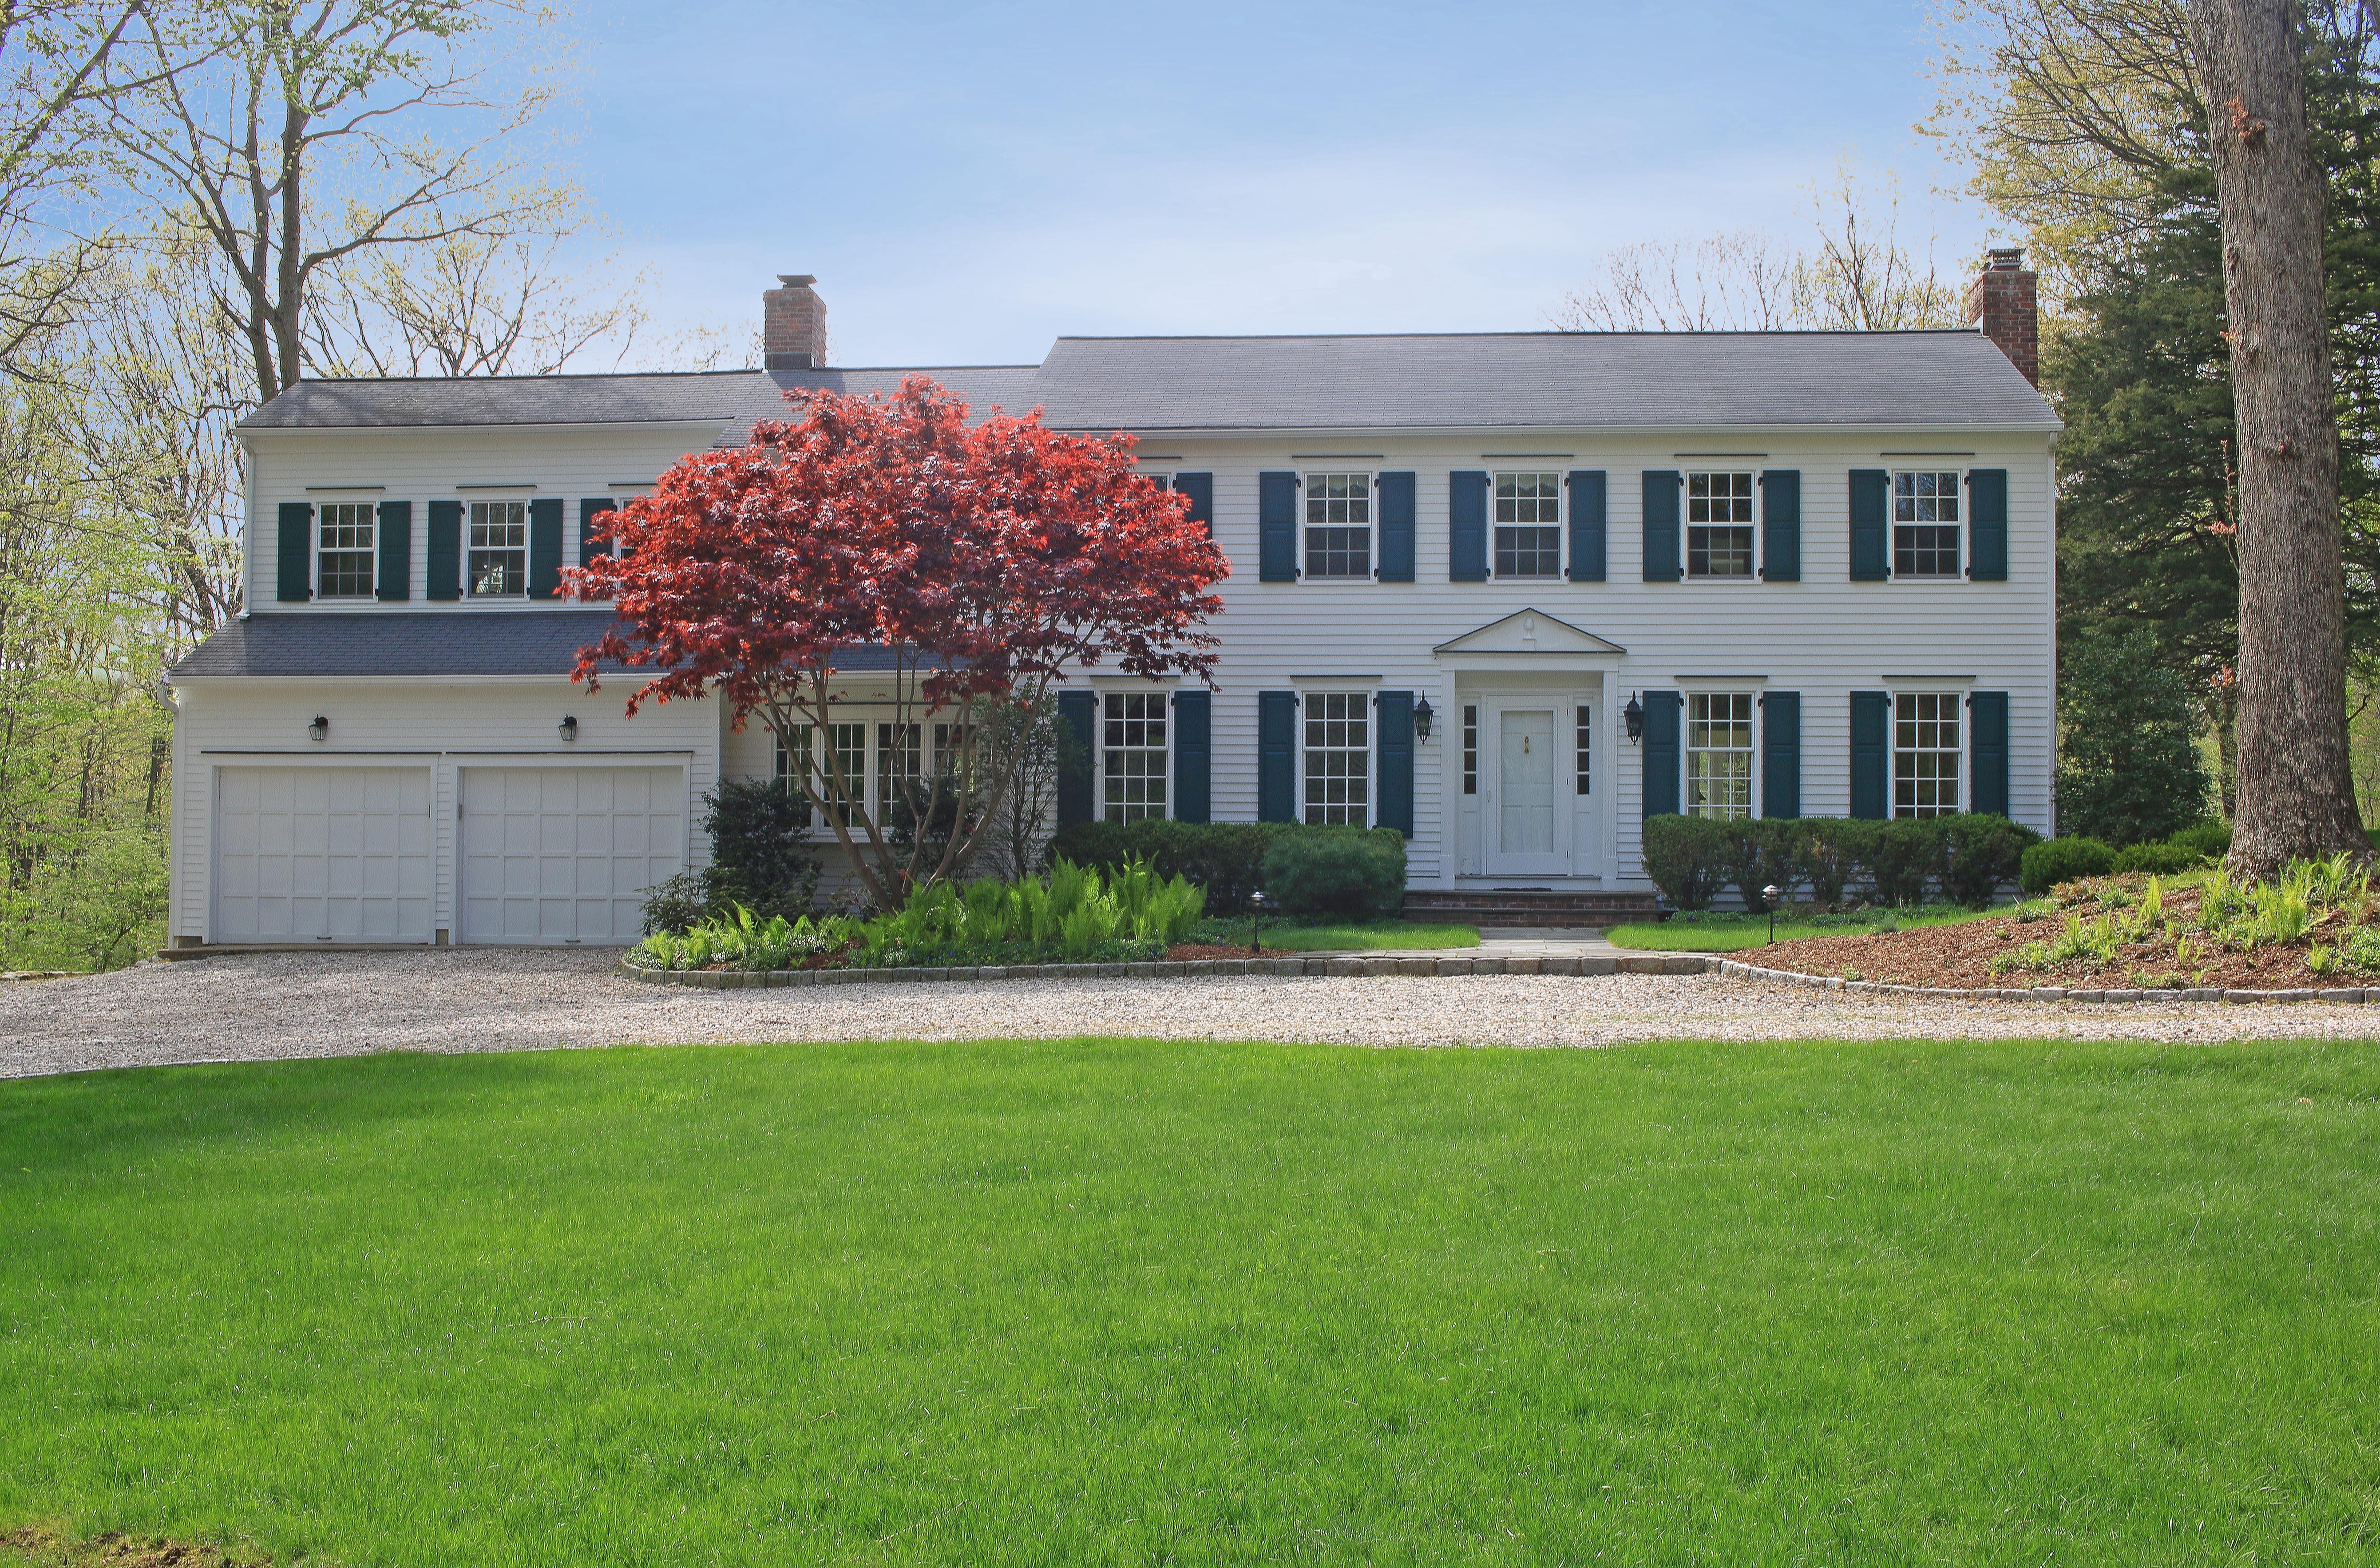 独户住宅 为 销售 在 Pristine and Spacious 35 Pin Oak Lane 威尔顿, 康涅狄格州, 06897 美国